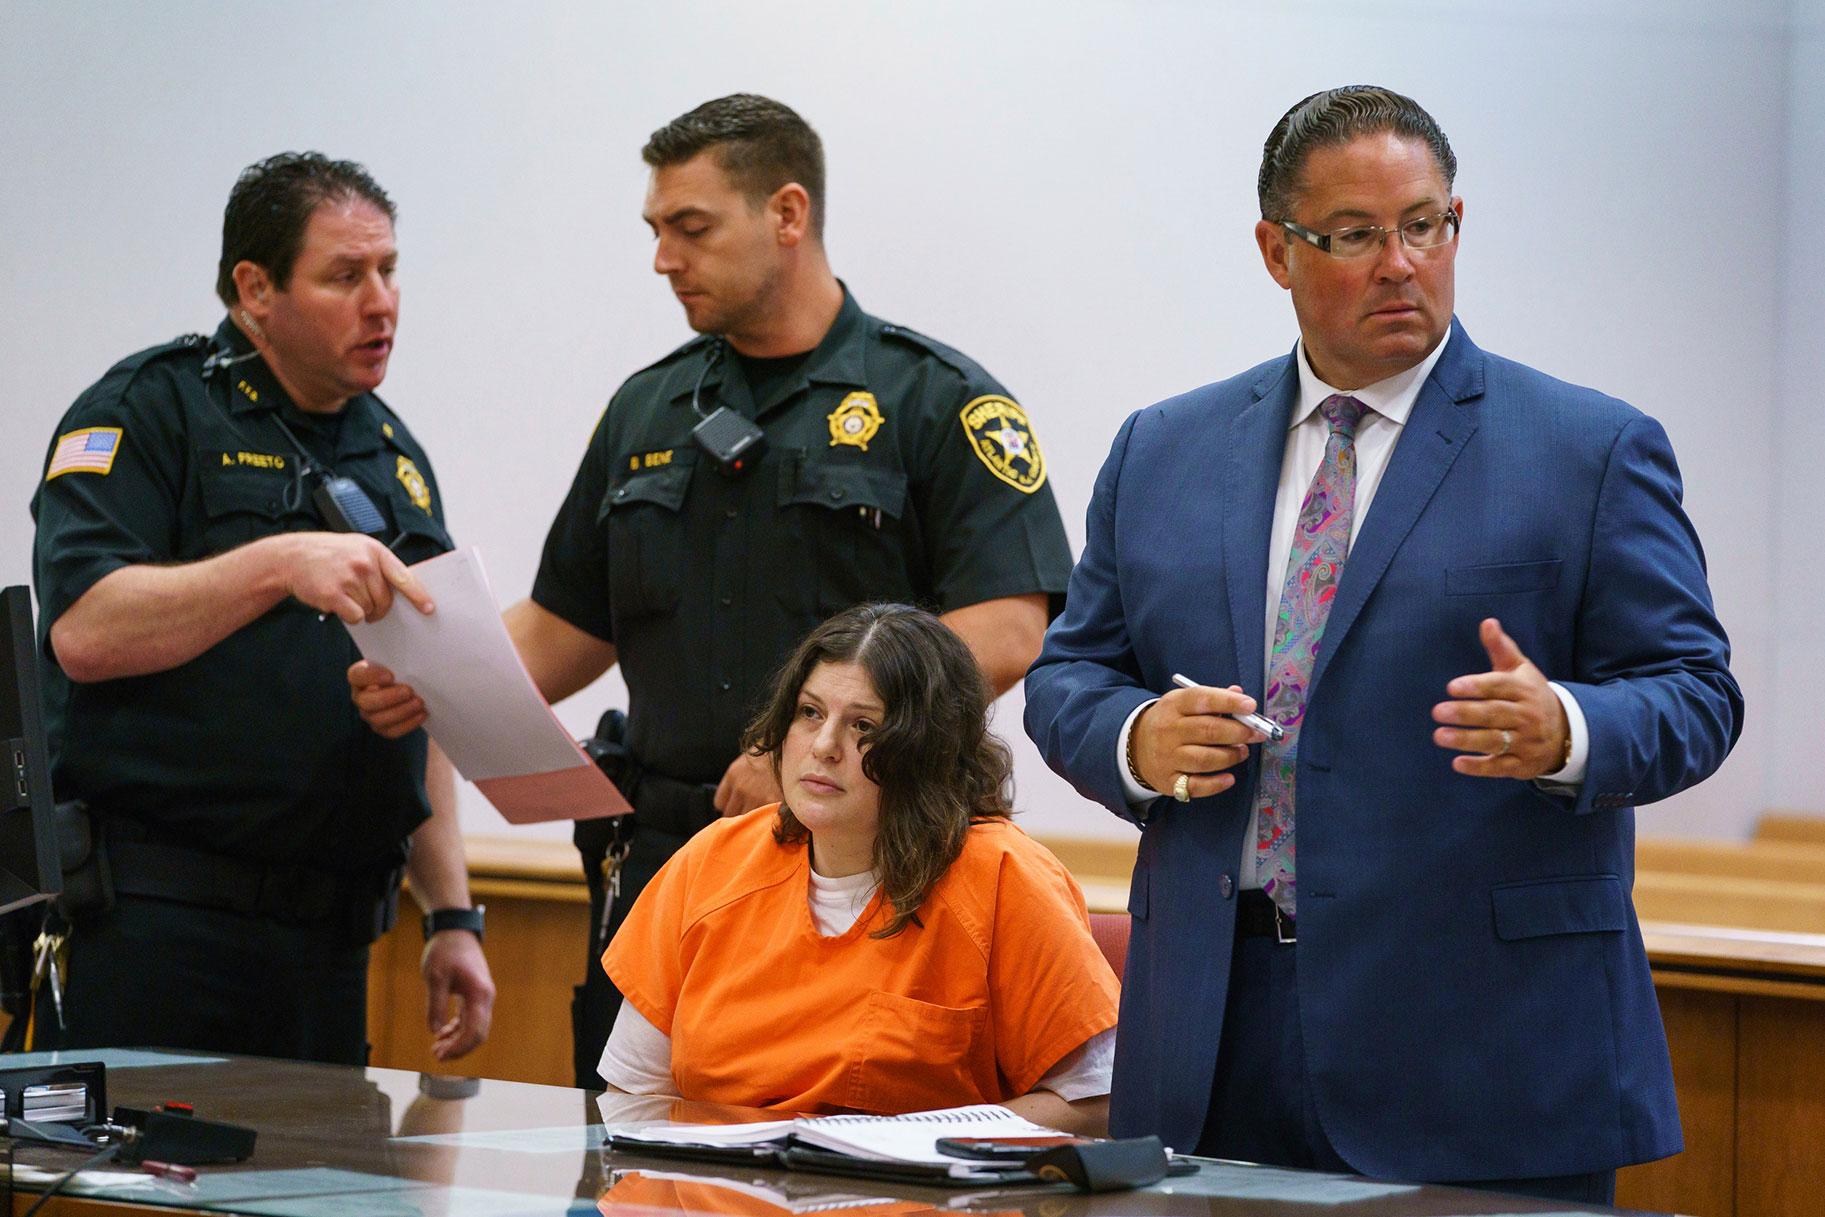 עורכת דין לאישה שהרגה את אמה, סבתא אומרת שרציחות היו 'בלתי נמנעות'